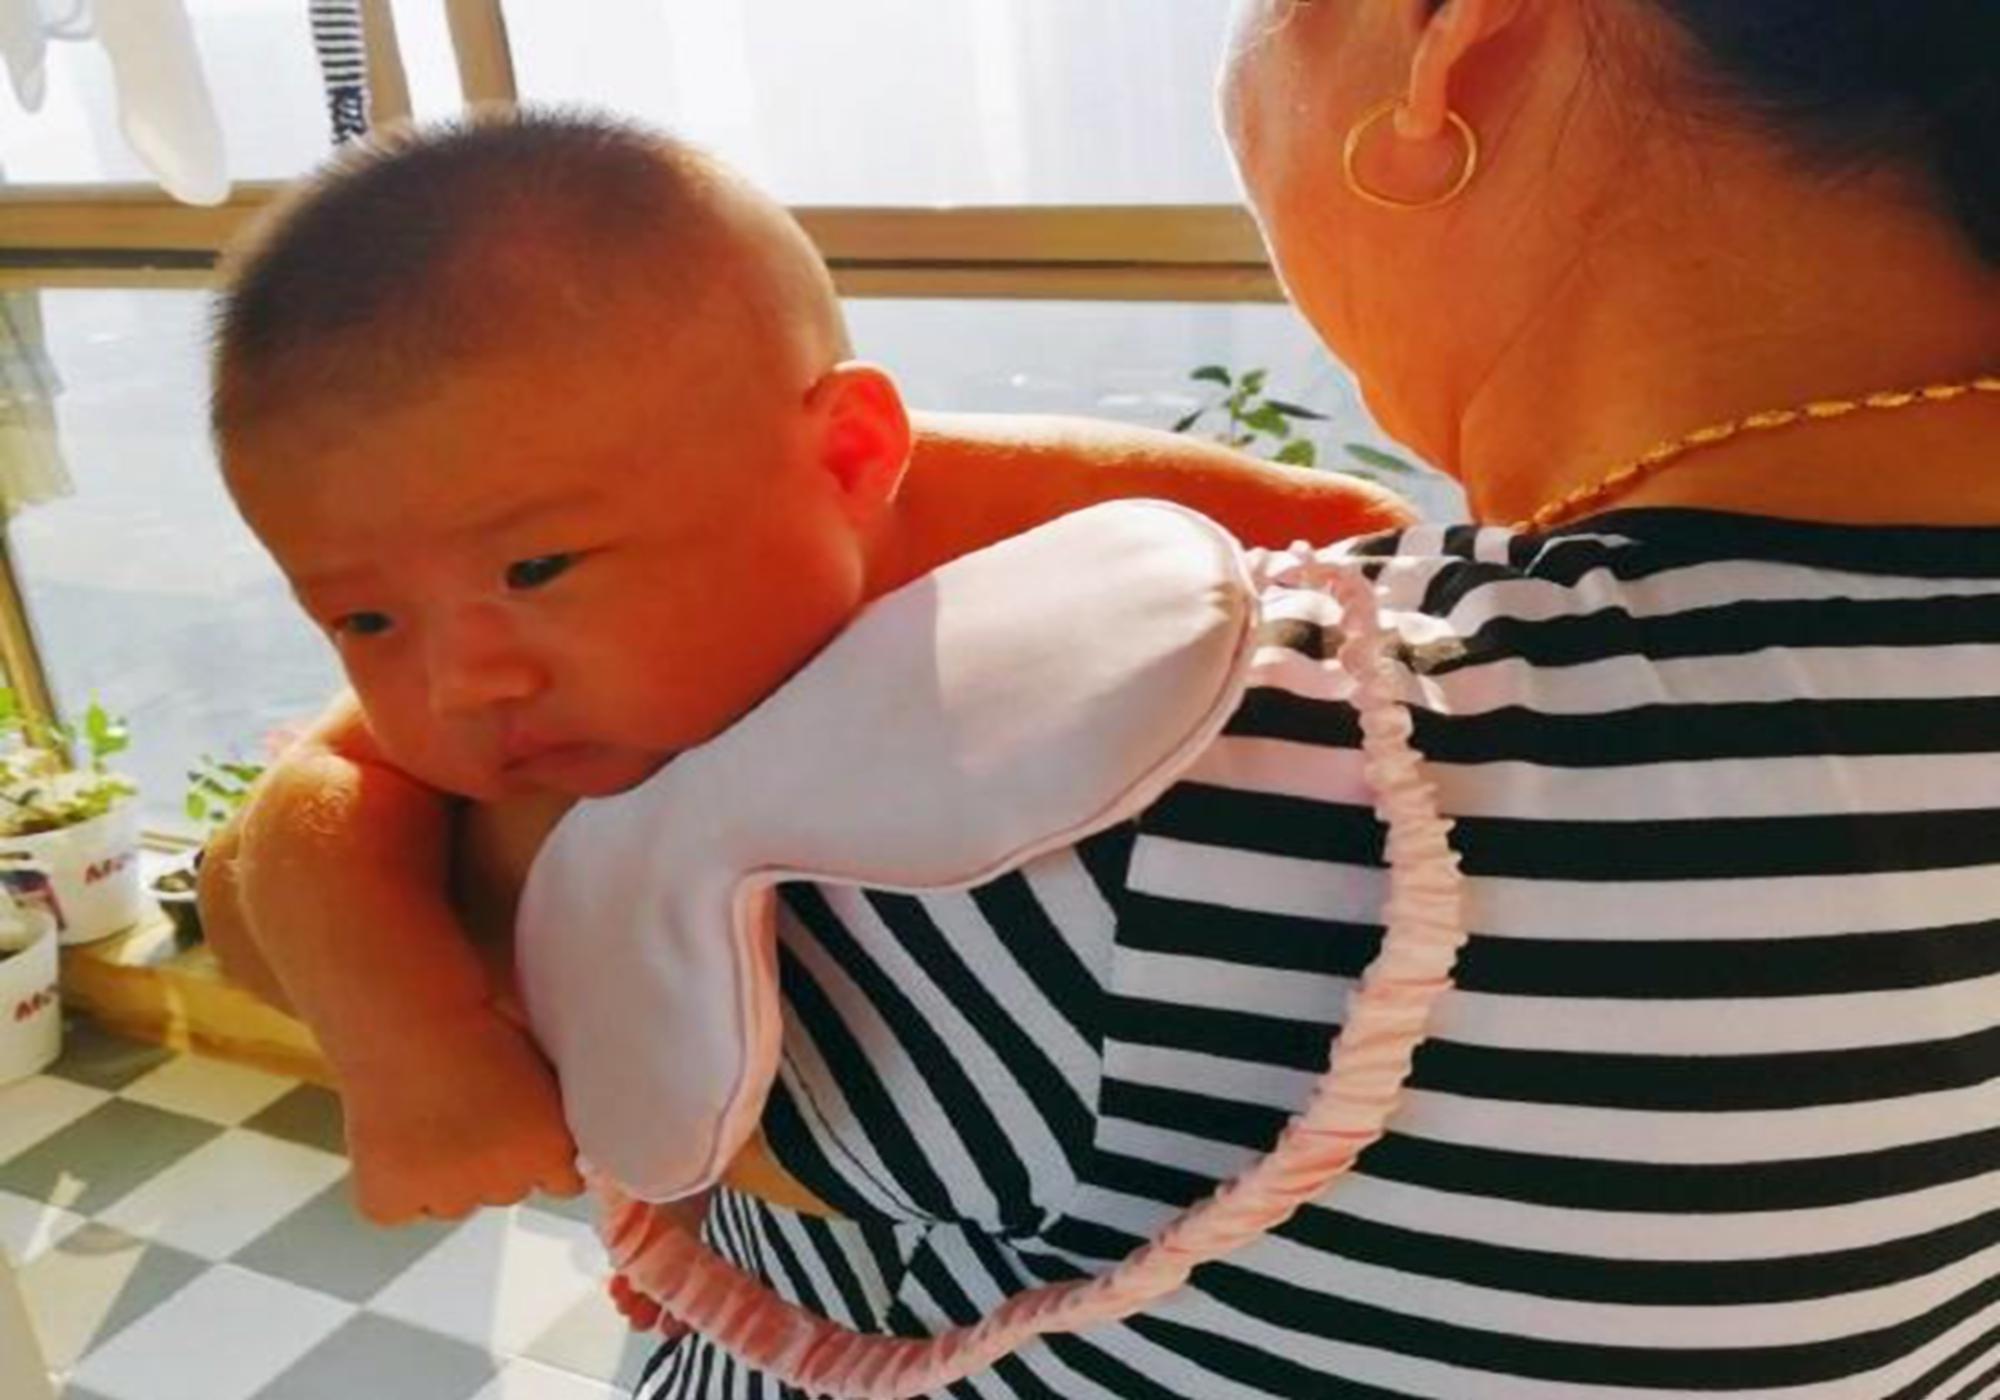 为啥新生儿总是动着睡,坐下醒,放下哭?需求背后的原因超暖心